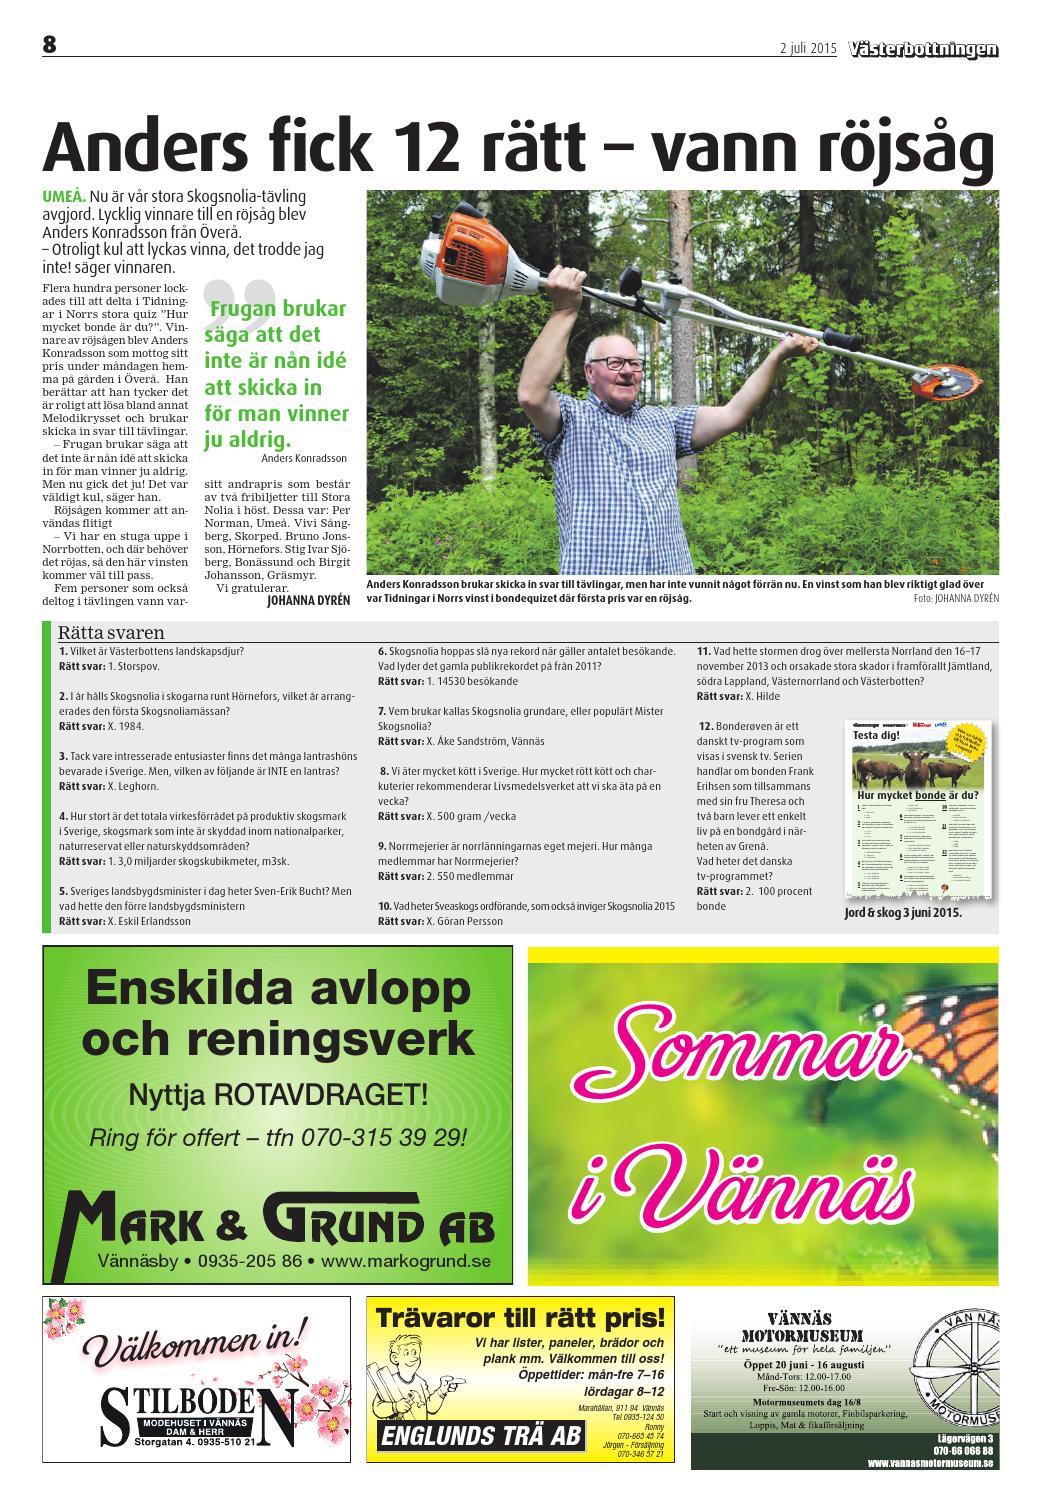 cabc9af7 Vn sommar 27 15 by Tidningar i Norr AB - issuu